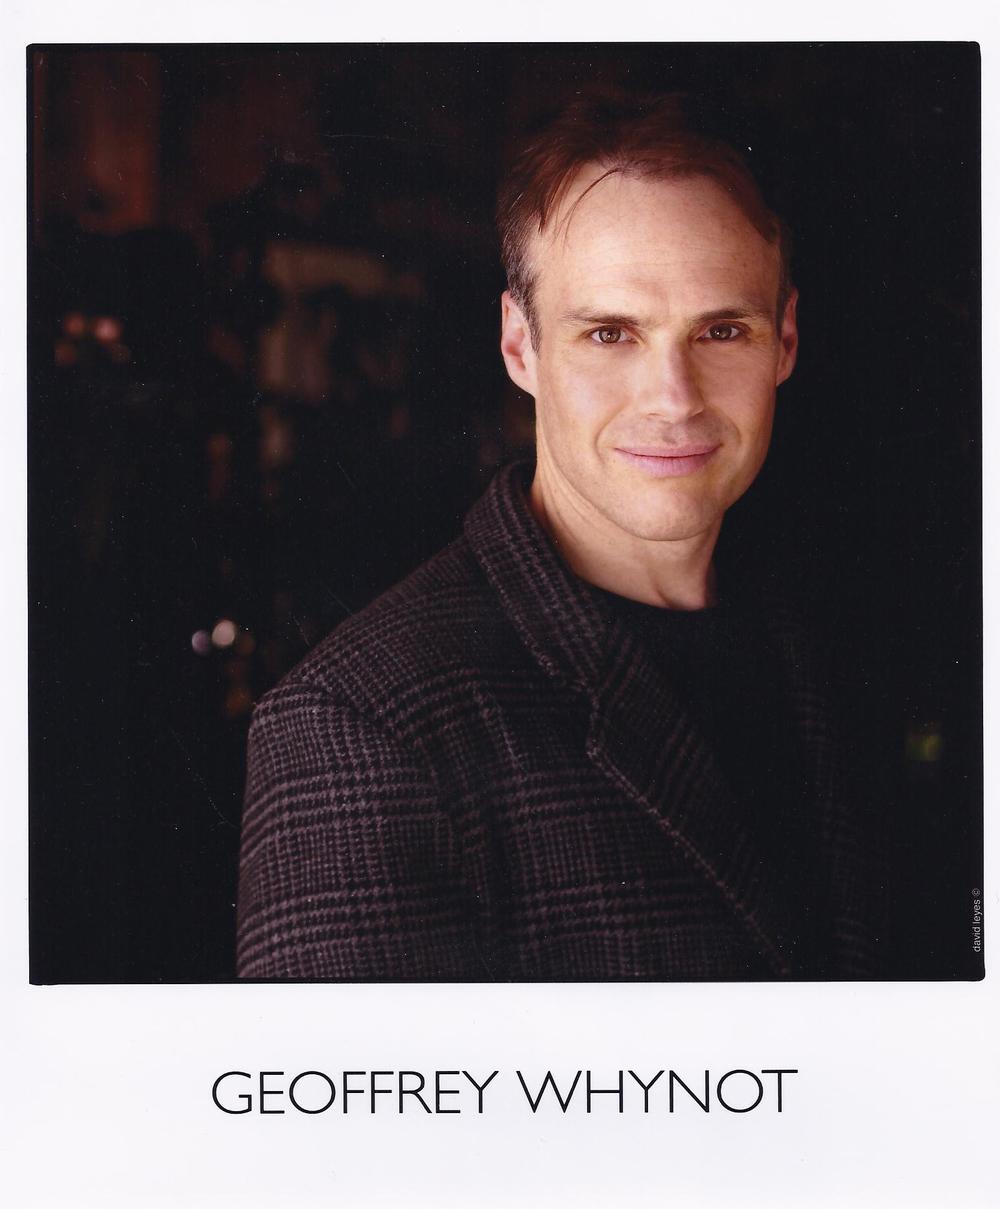 Geoffrey Whynot